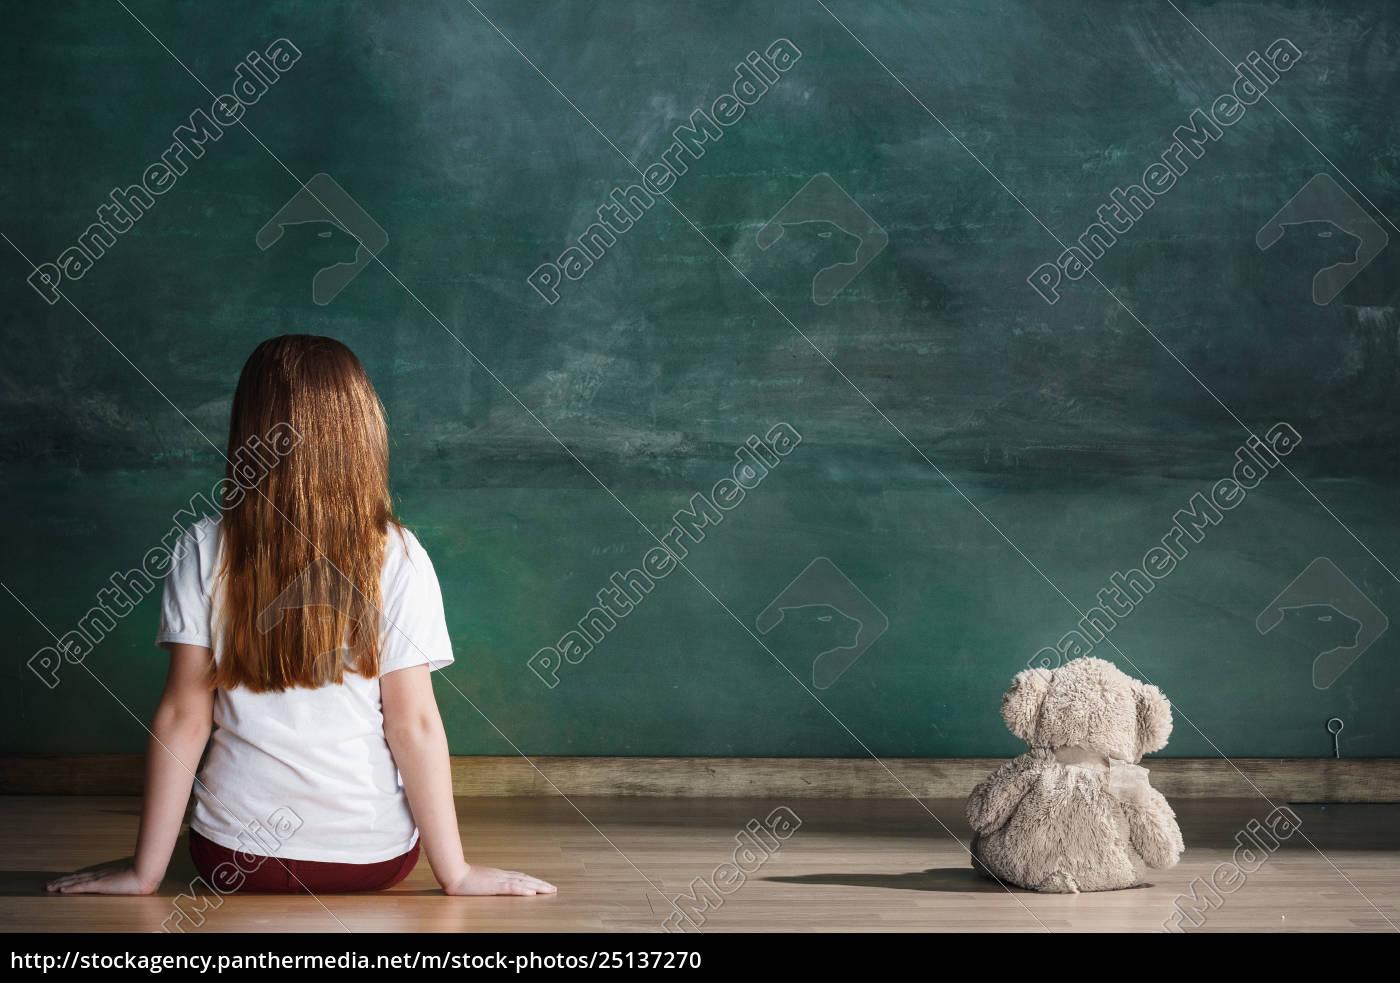 mała, dziewczynka, z, pluszowym, misiem, siedzi - 25137270